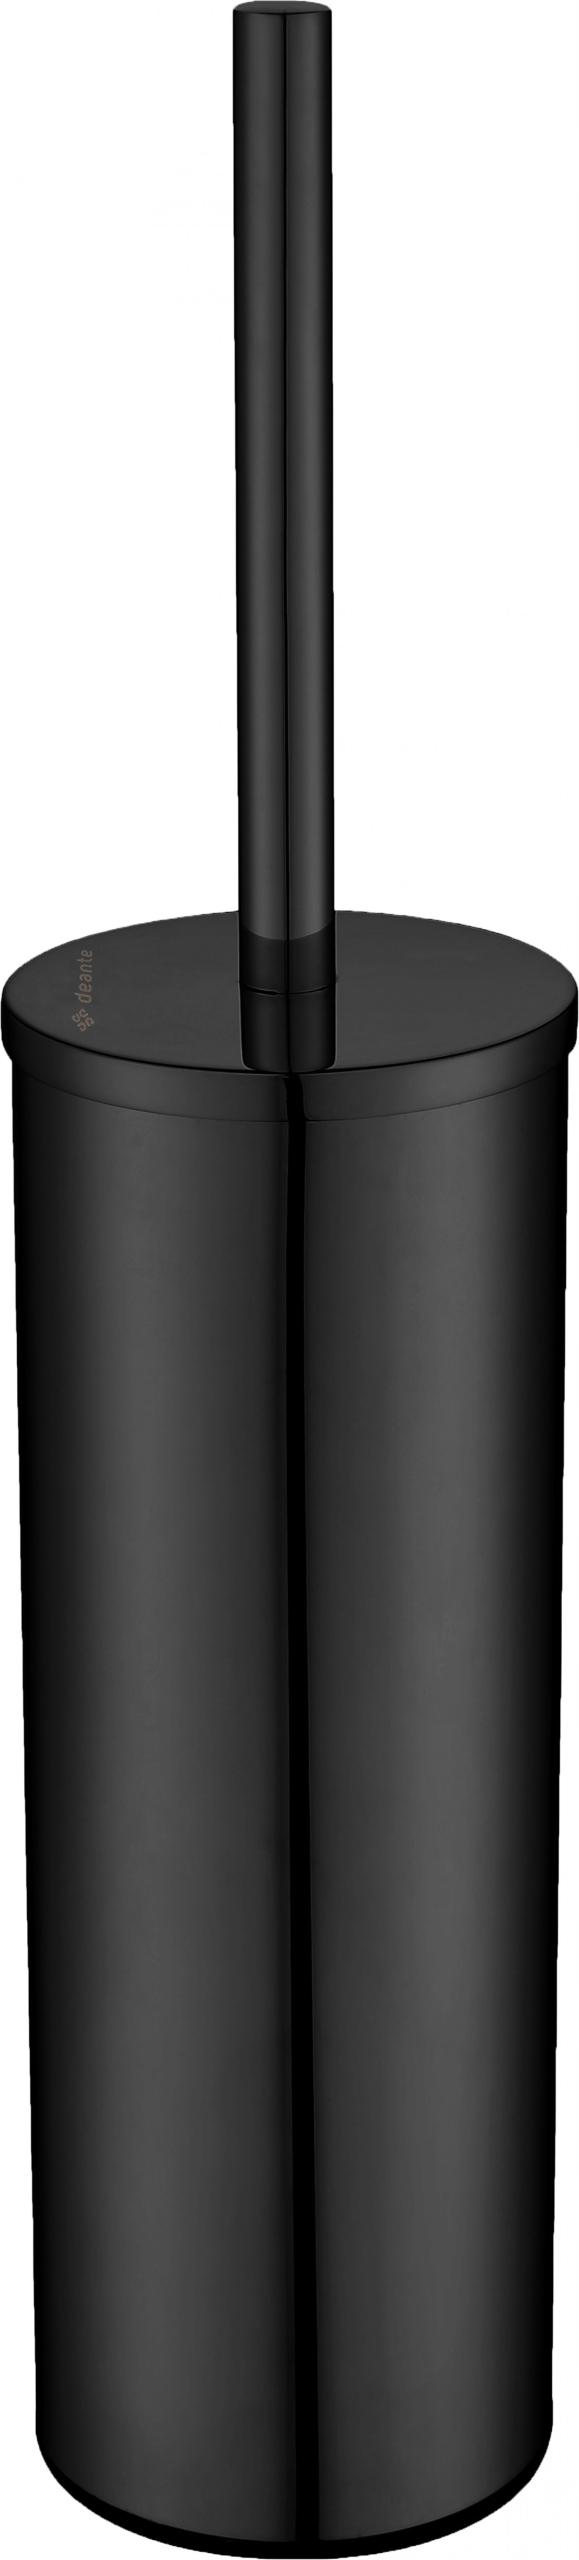 Okrúhla nádoba na toaletnú kefu, čierna ADR N712 Deante